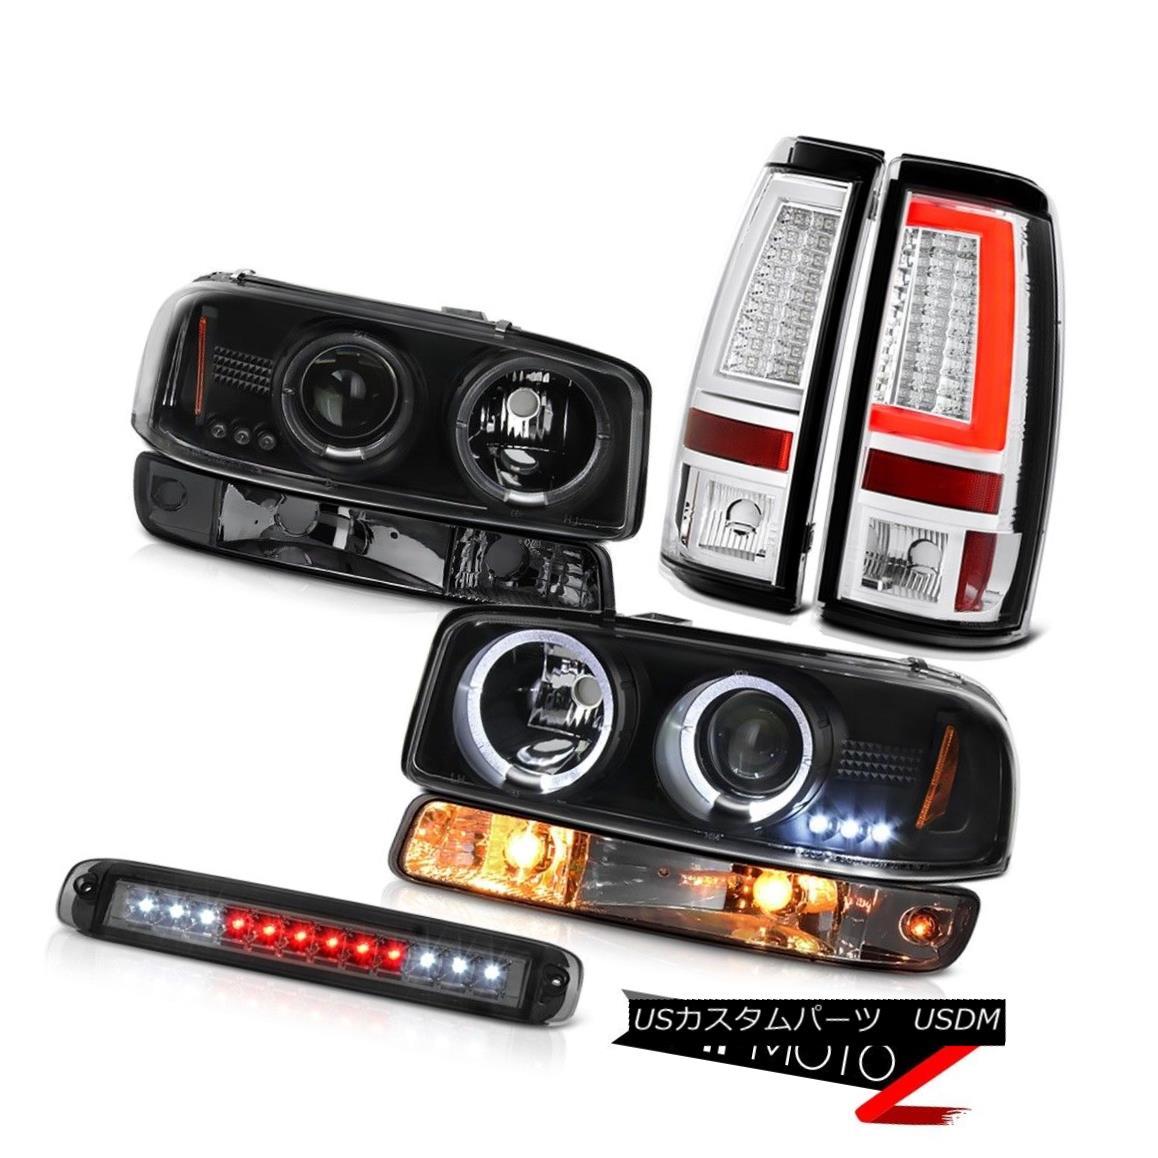 テールライト 99-06 Sierra 6.0L Chrome Tail Brake Lamps 3RD Light Bumper Headlights Tron Style 99-06 Sierra 6.0Lクロームテールブレーキランプ3RDライトバンパーヘッドライトトロンスタイル